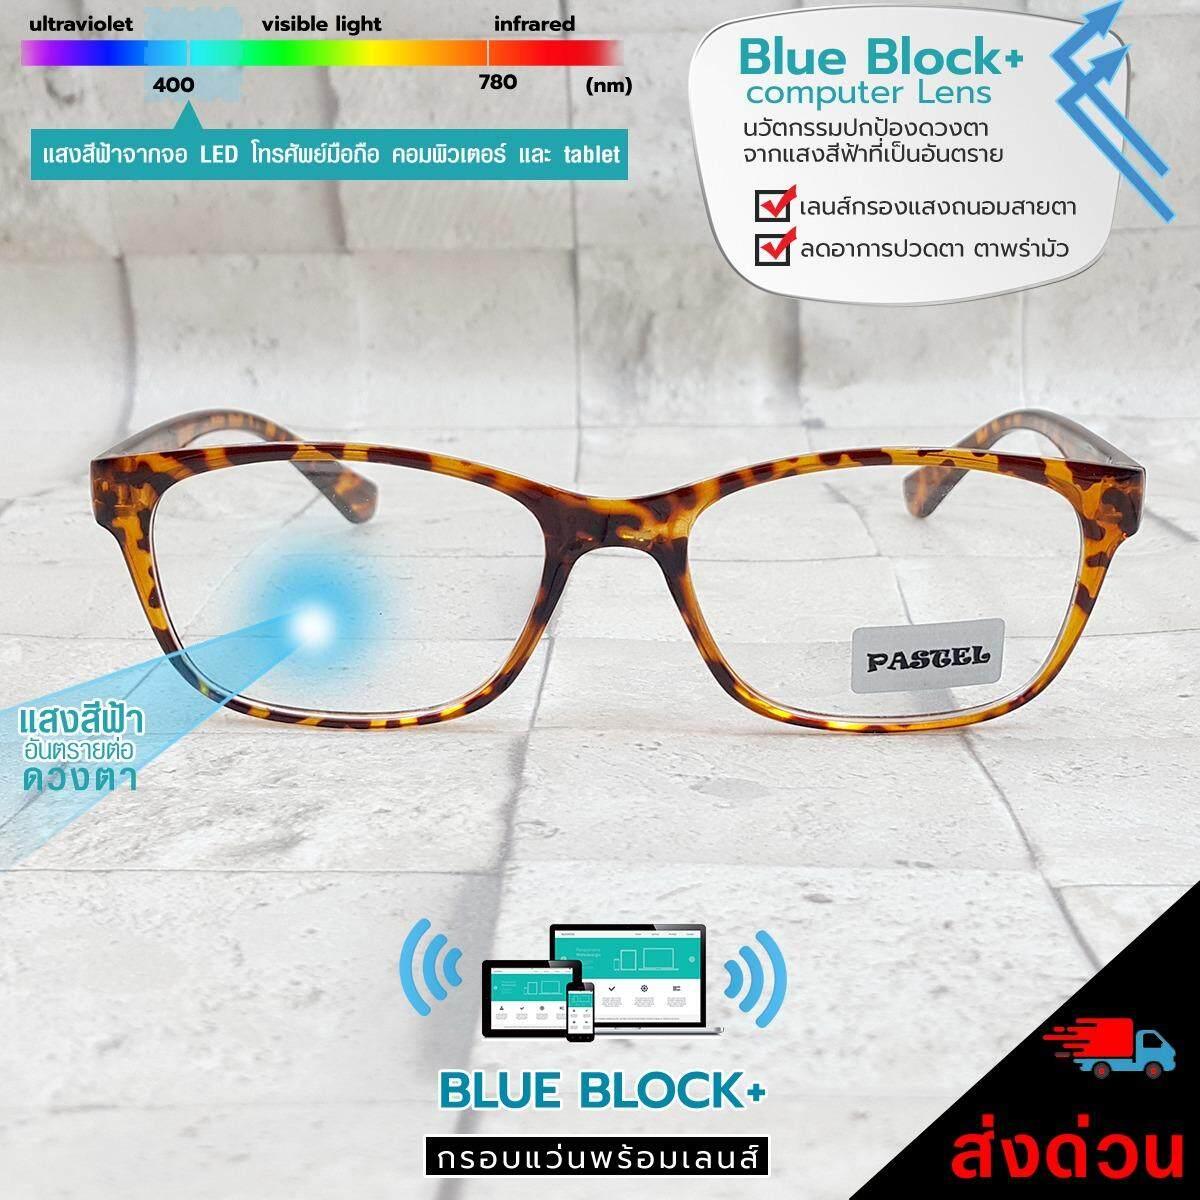 ส่วนลด แว่นตากรองแสงบลู หน้าจอมือถือและคอมพิวเตอร์ ลดอาการแสบตา ยี่ห้อ Eyelucy รุ่น Blue Tt107 ด้วยเทคโนโลยีใหม่ล่าสุด Nano Blue Light Block Plus รู้สึกสบายตาทันที ตั้งแต่ใส่ครั้งแรก Pastel